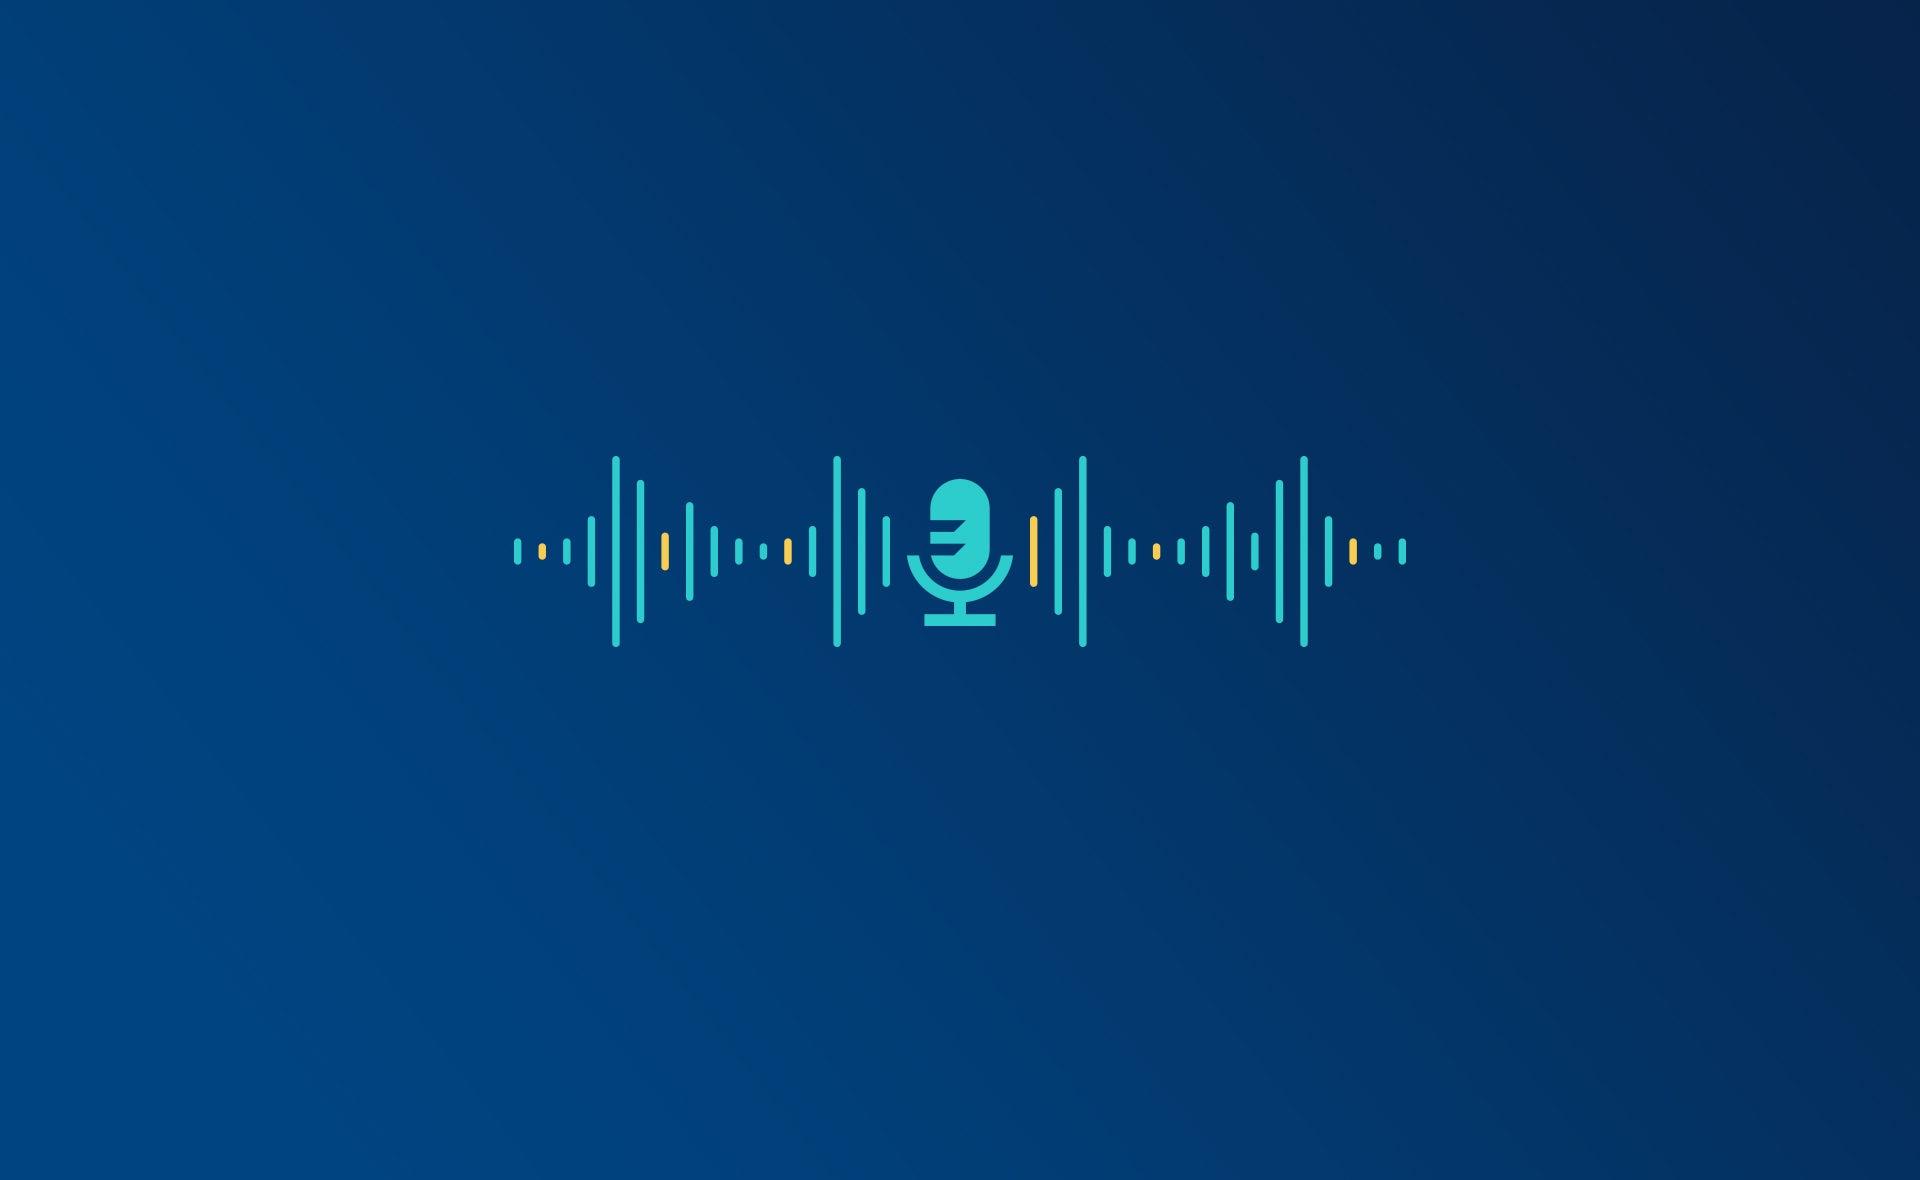 asistentes_de_voz_sonido_recurso_bbva